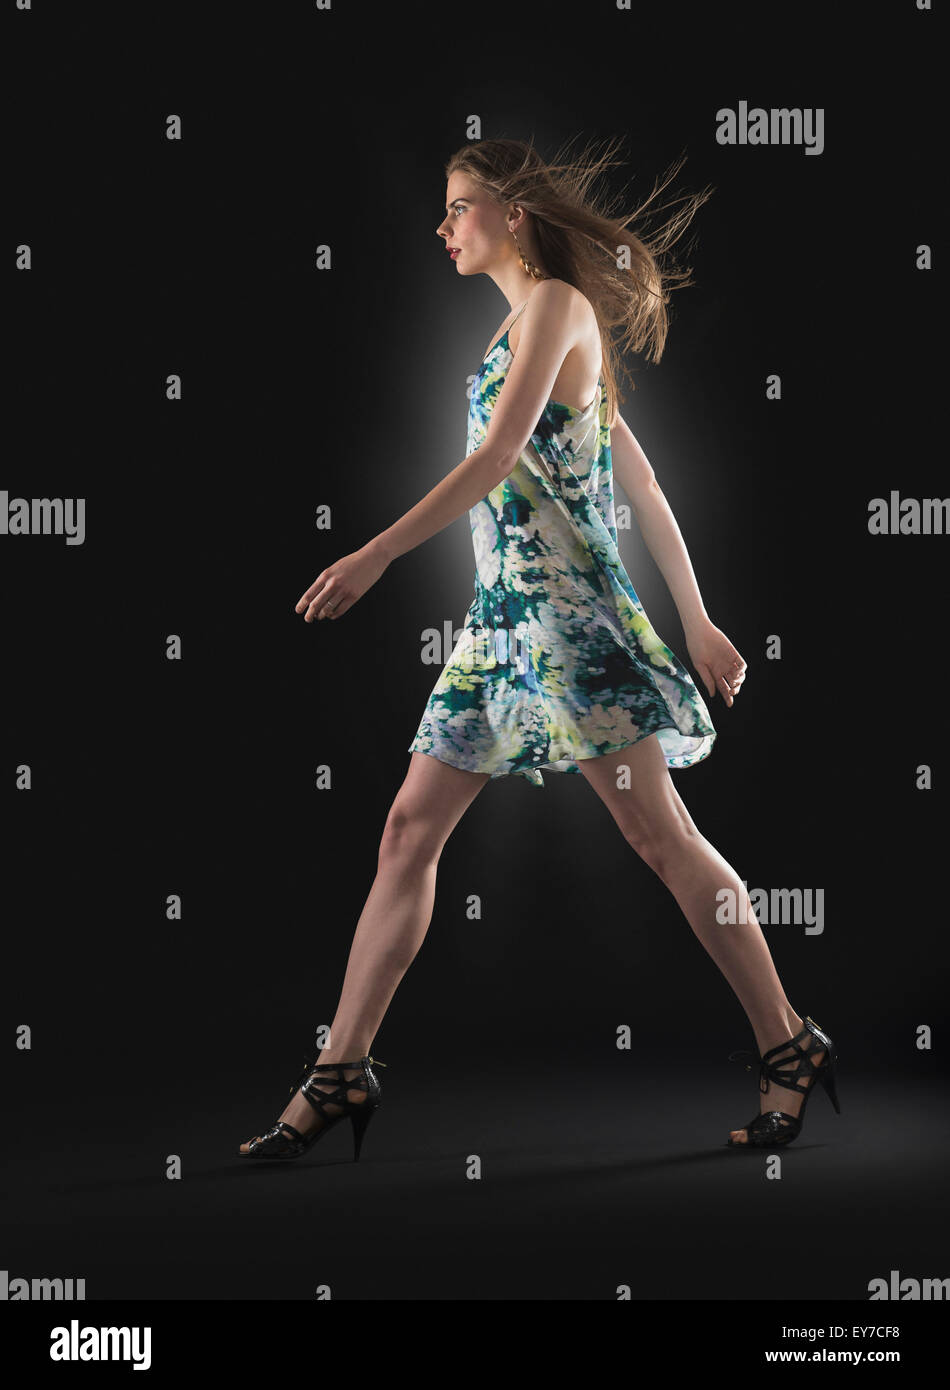 Foto de estudio de la mujer joven caminando Imagen De Stock